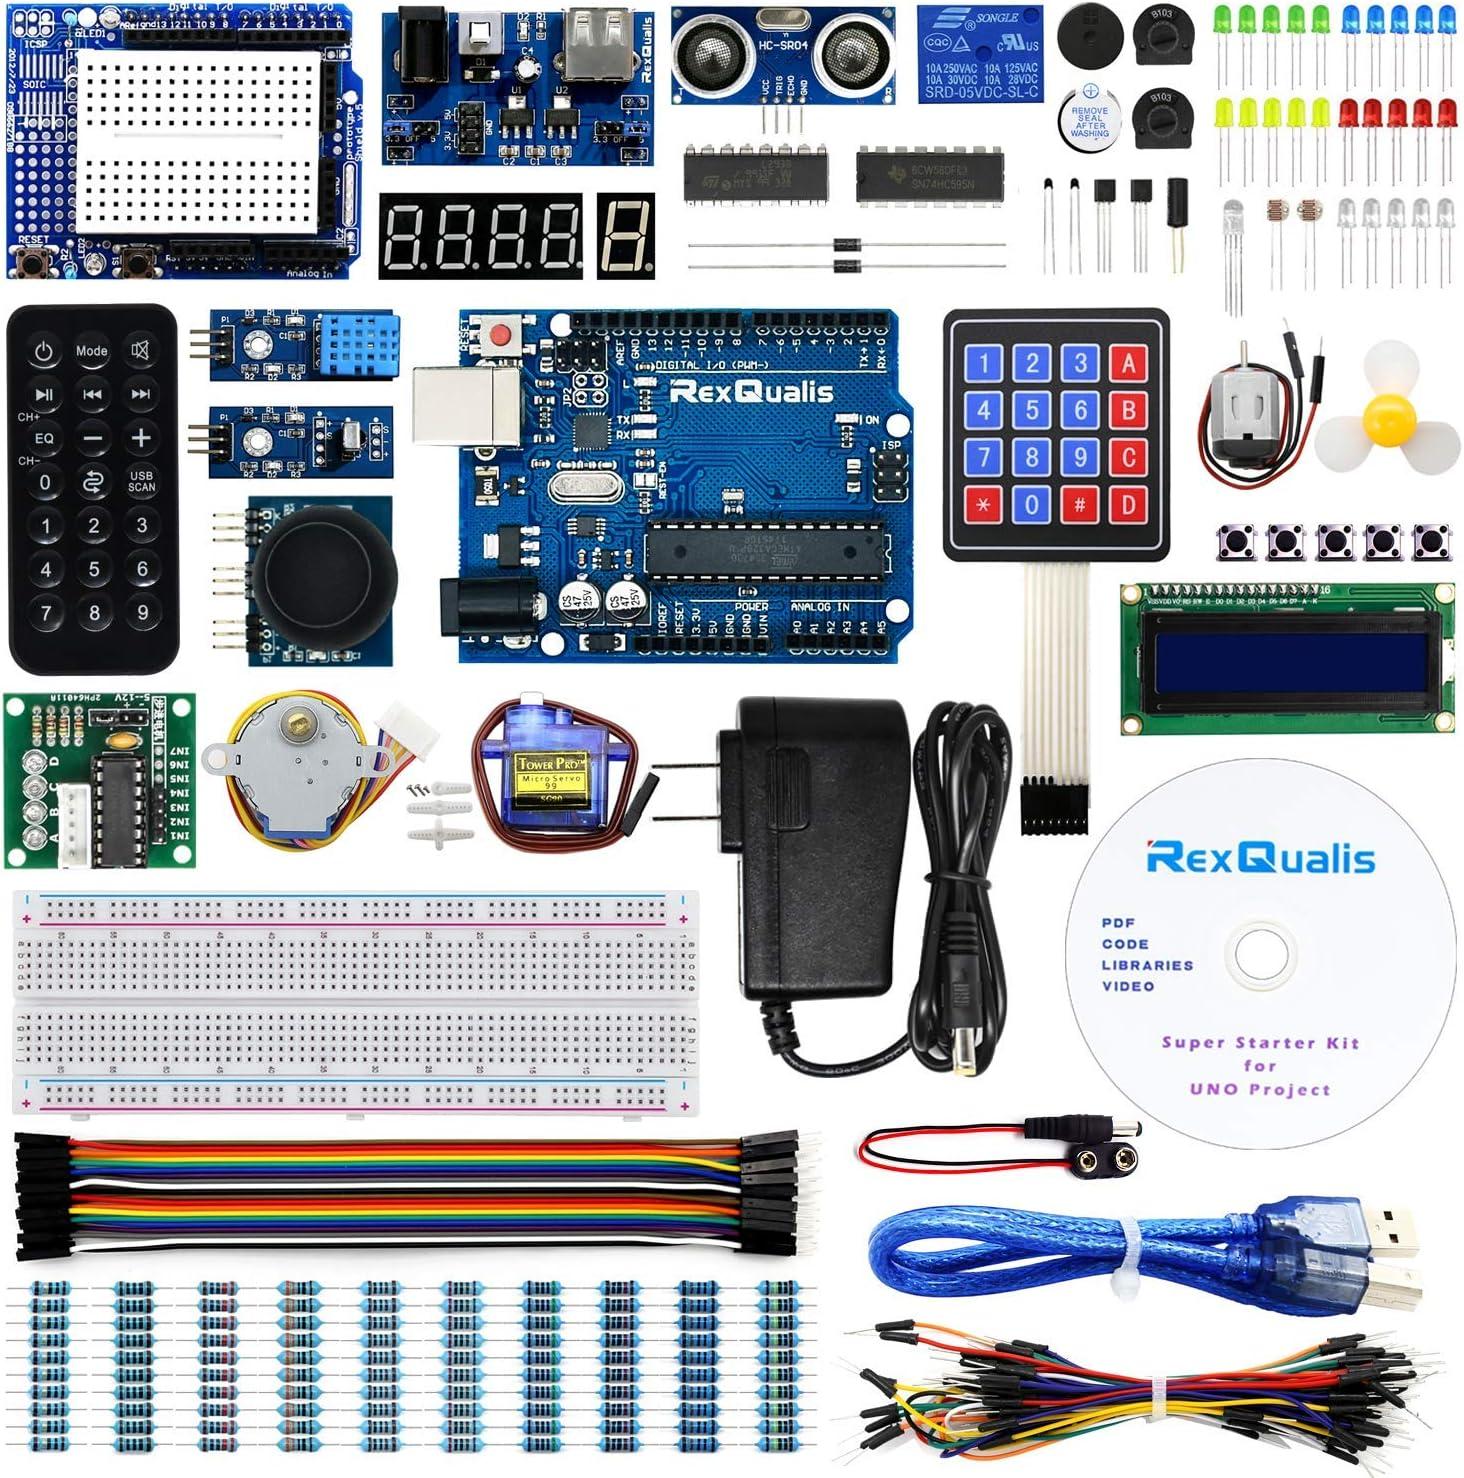 REXQualis UNO Project Super Starter Kit con Tutorial y UNO R3 Compatible con Arduino IDE: Amazon.es: Electrónica